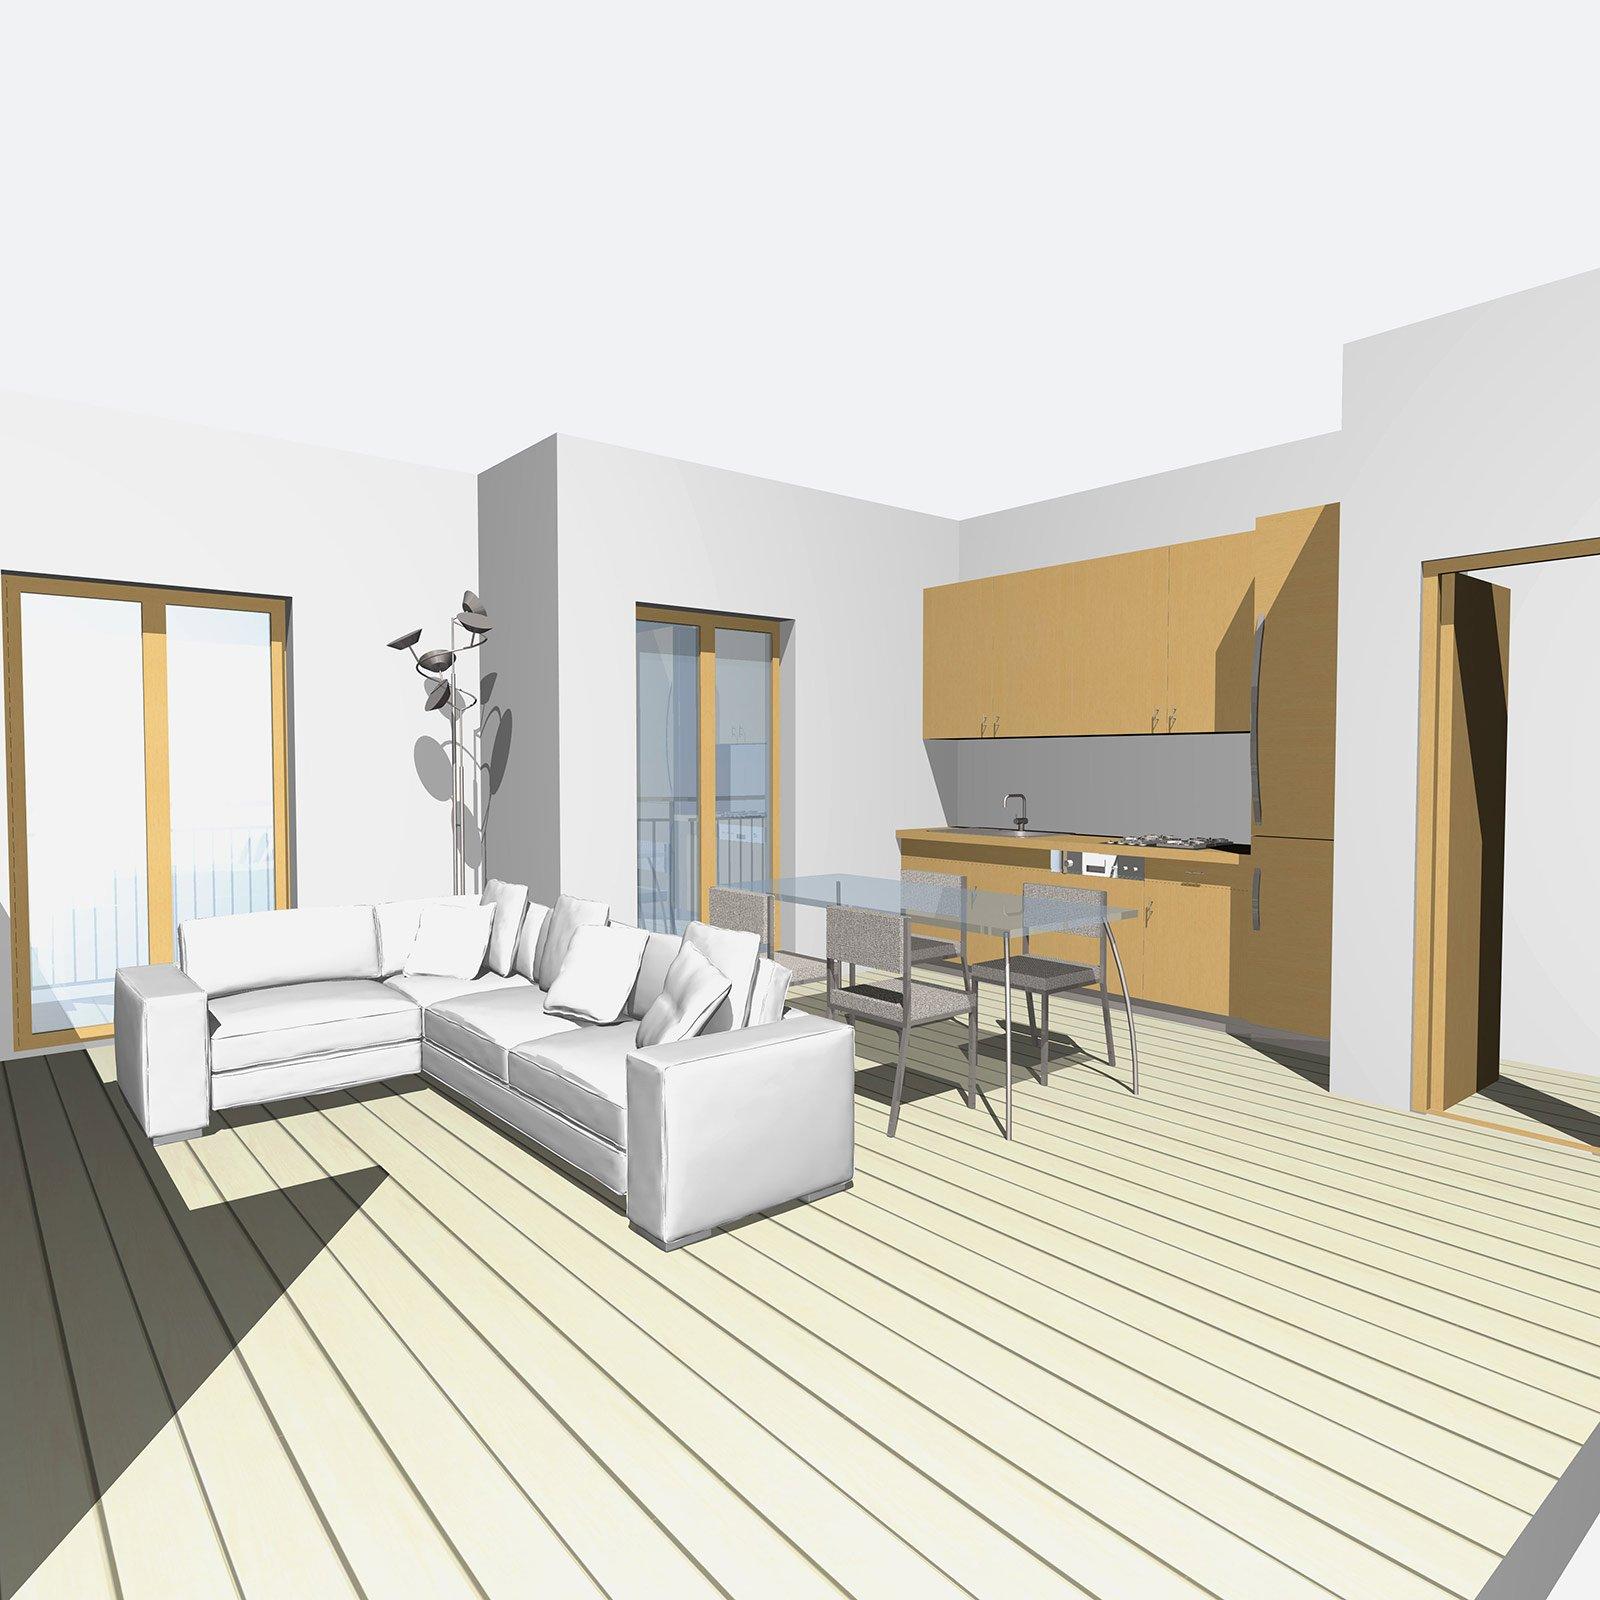 Casabook immobiliare zona giorno open space e bagno pi for Progetto zona giorno